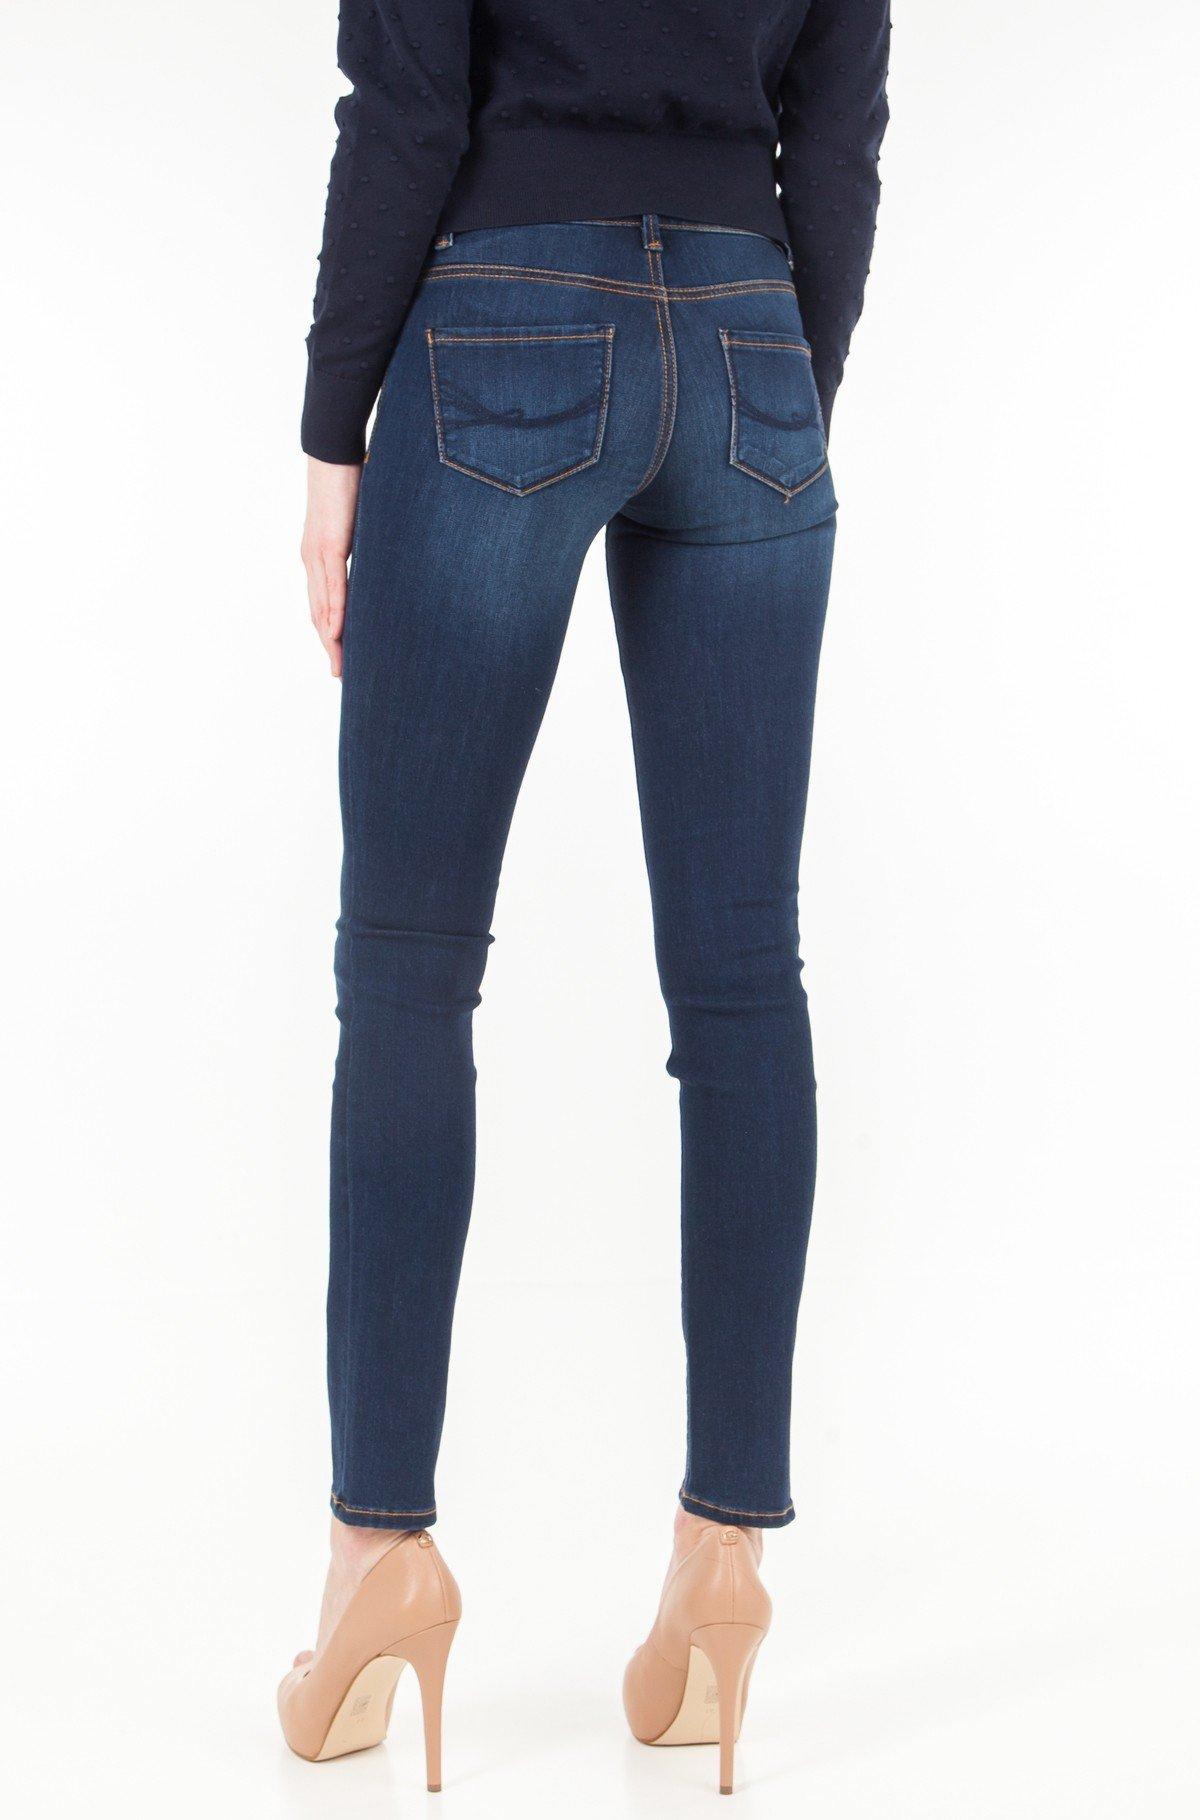 Jeans 6255229.09.70-full-2